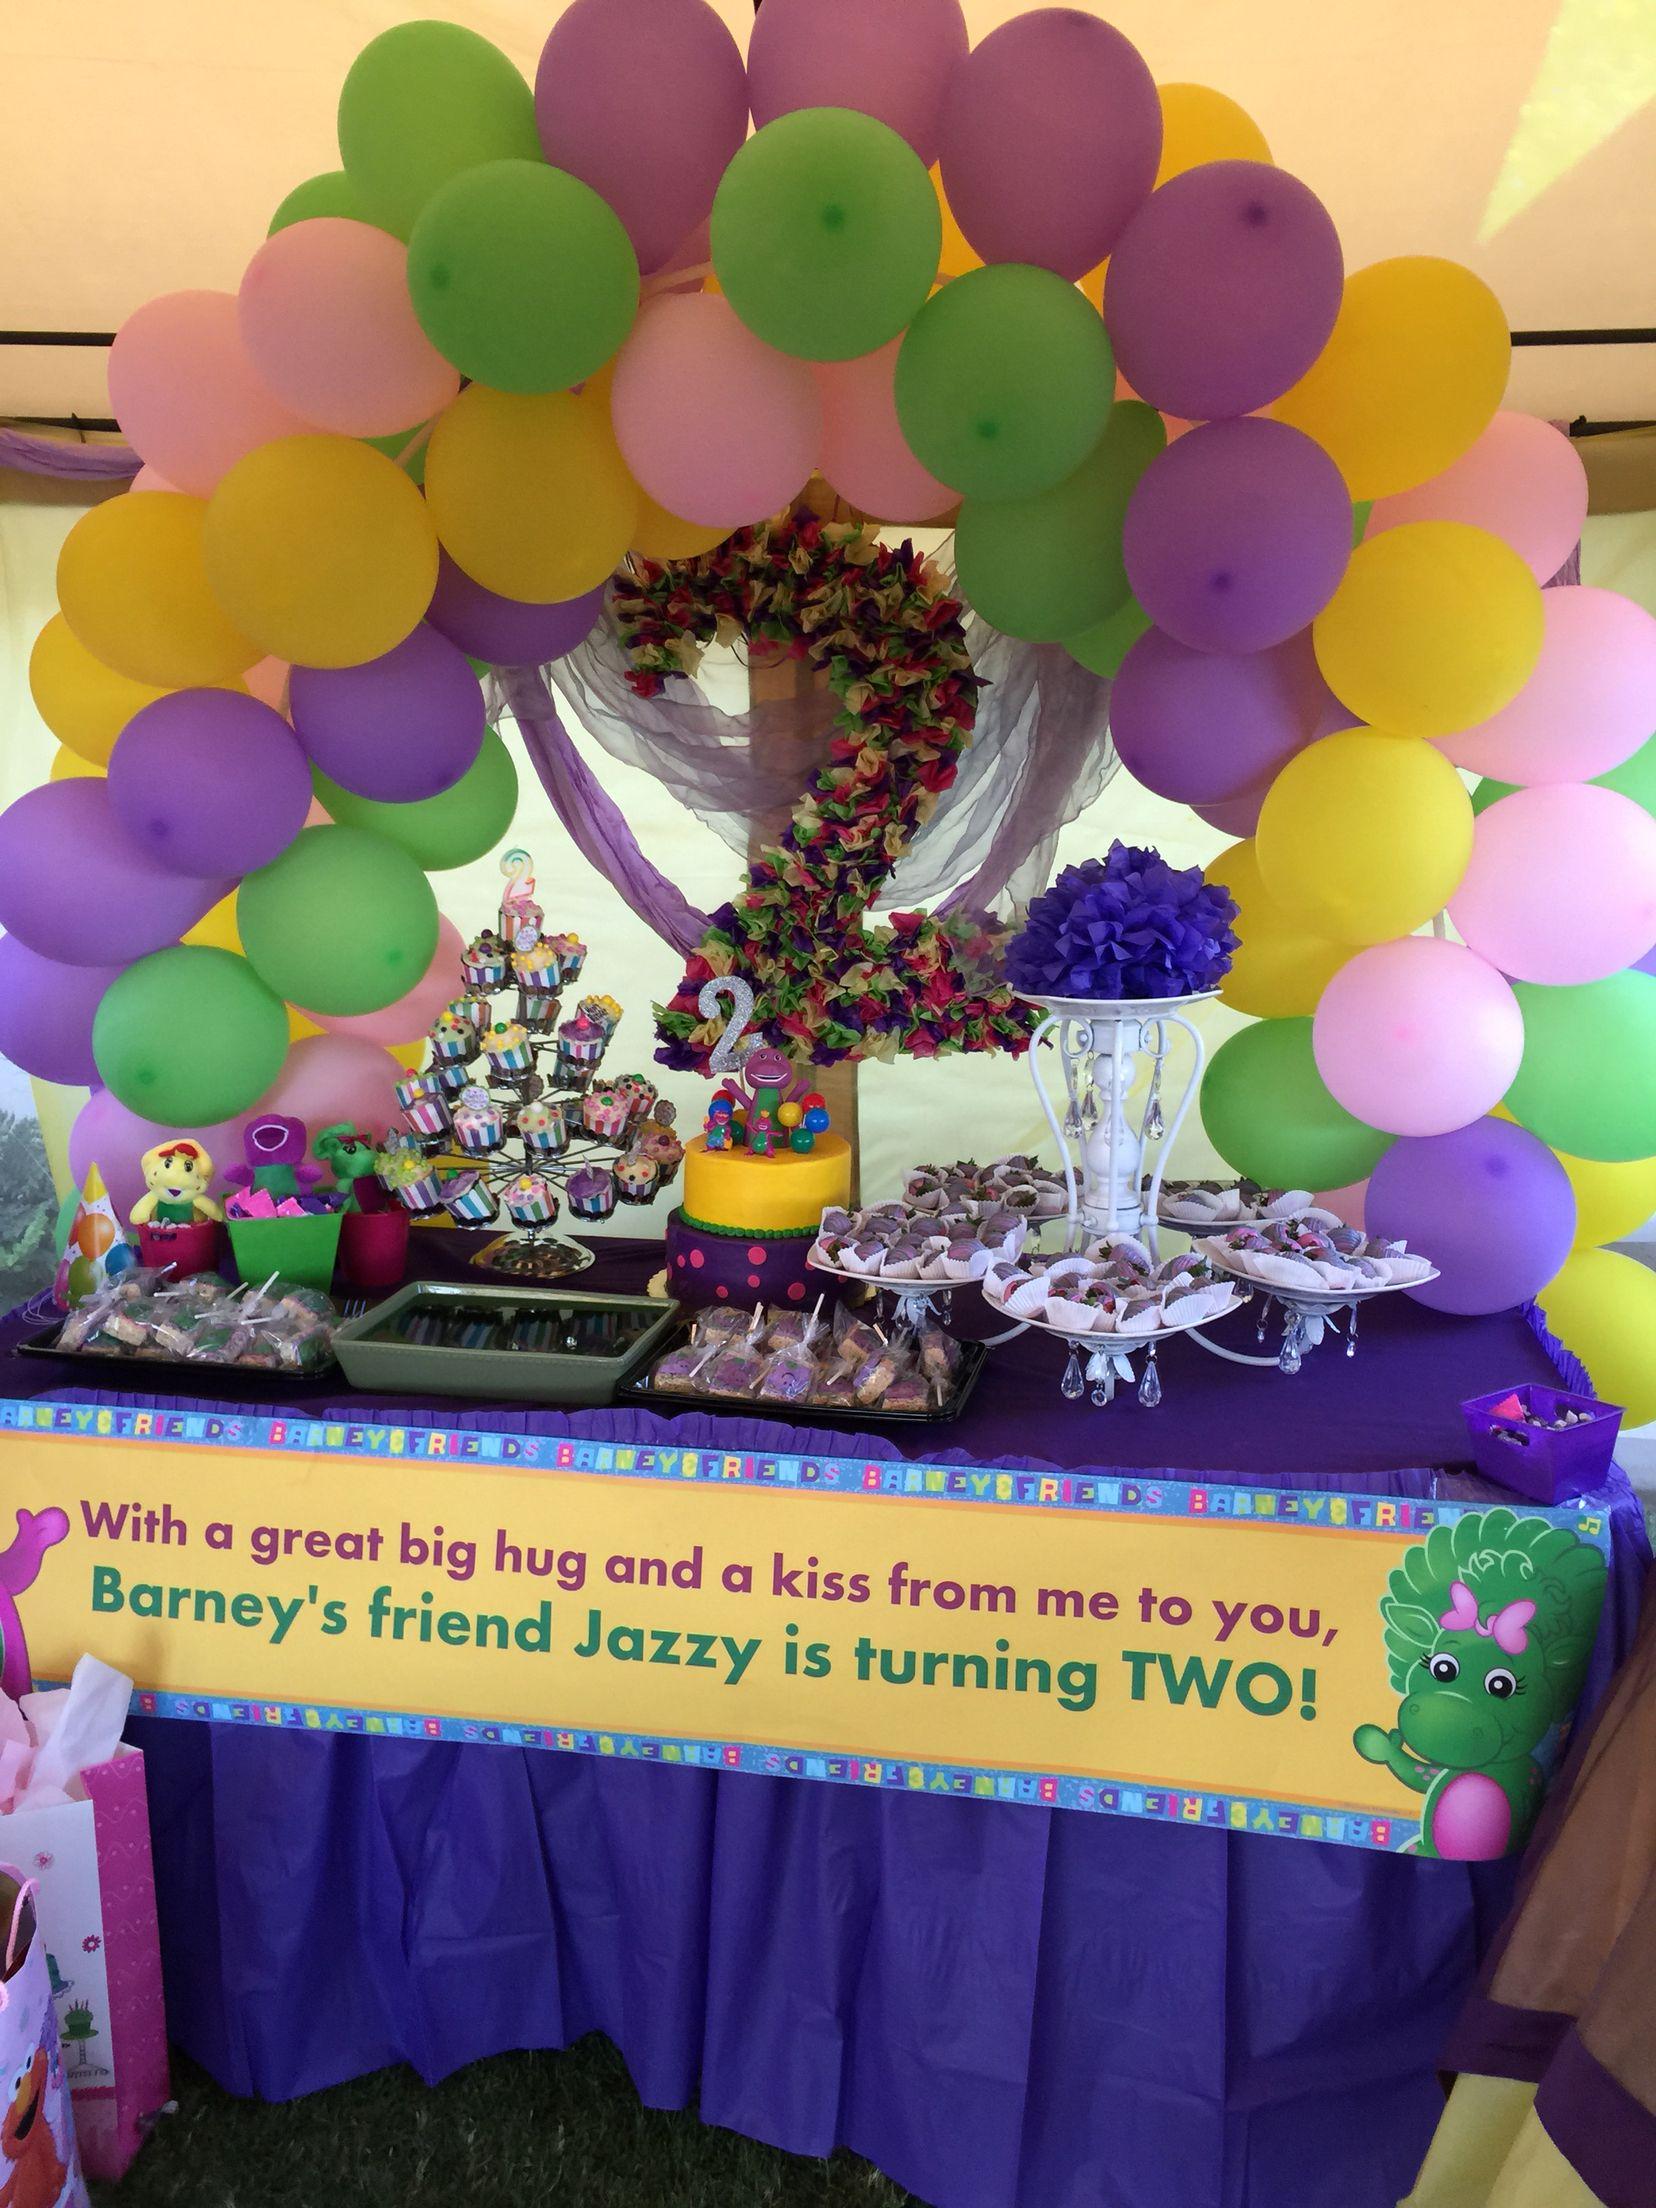 Barney birthday party | Birthday | Pinterest | Barney birthday ...